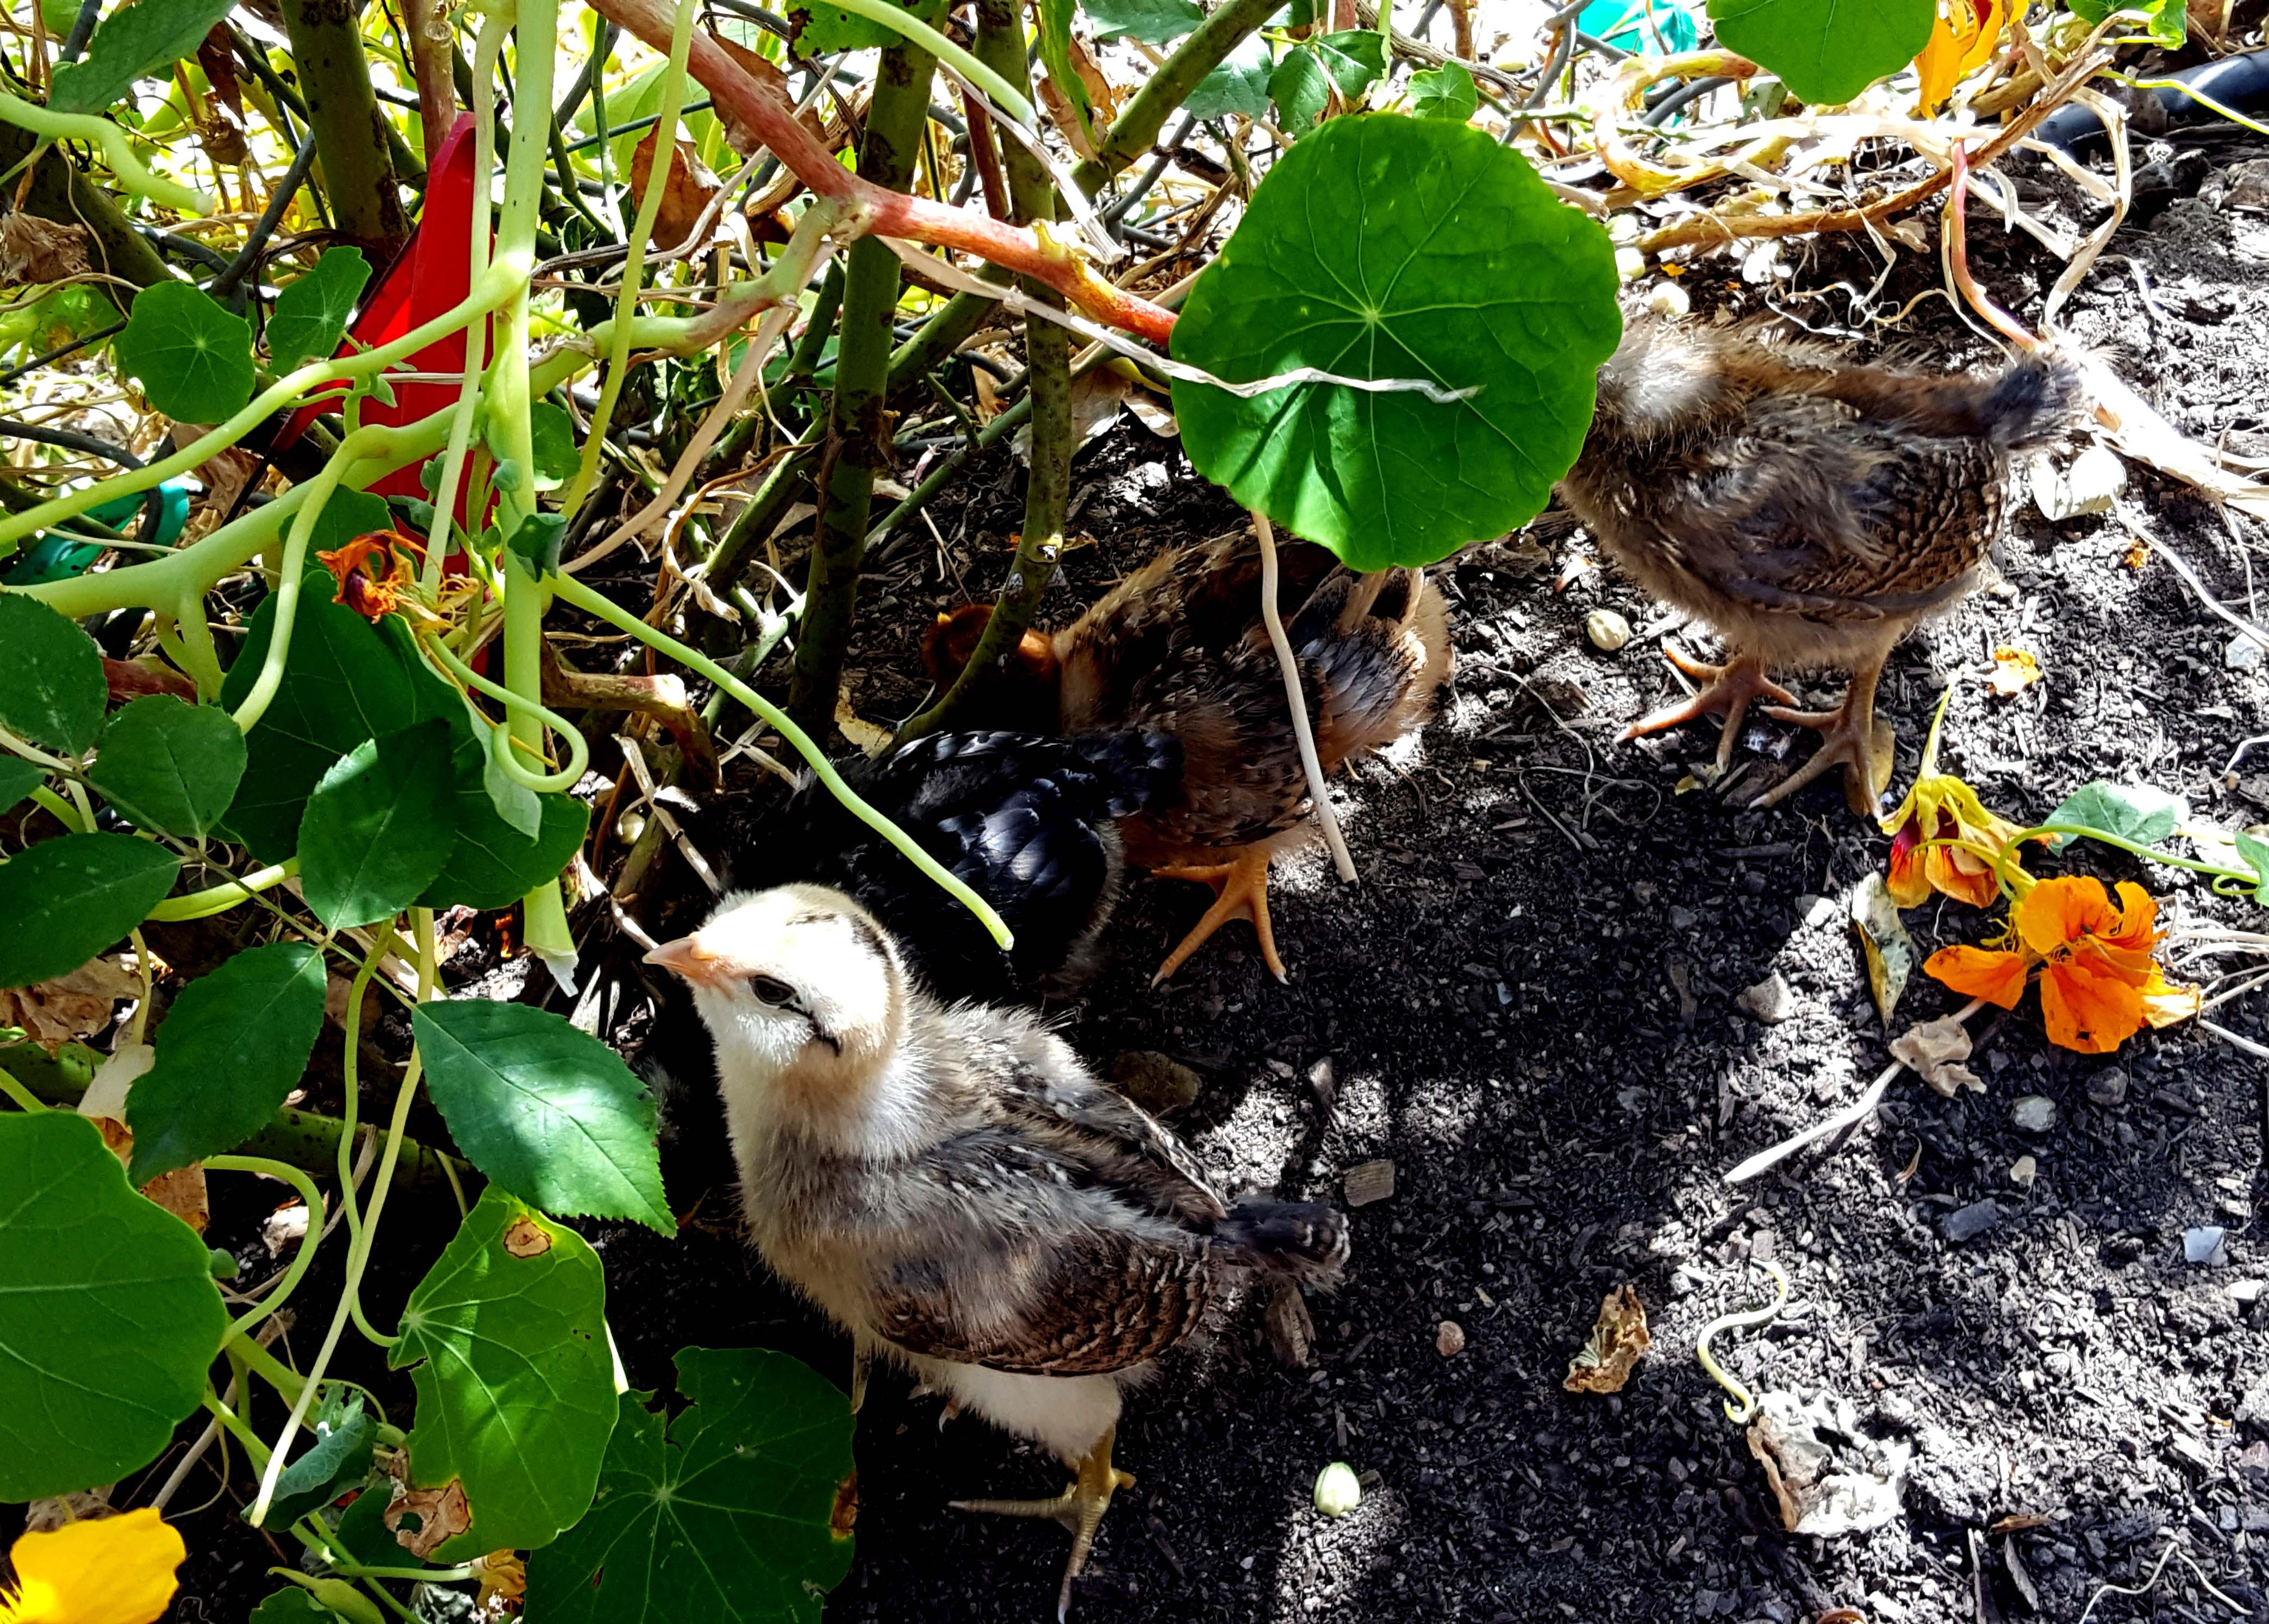 chickens_chicks_week2_Firstborn_nastursiums_630x451